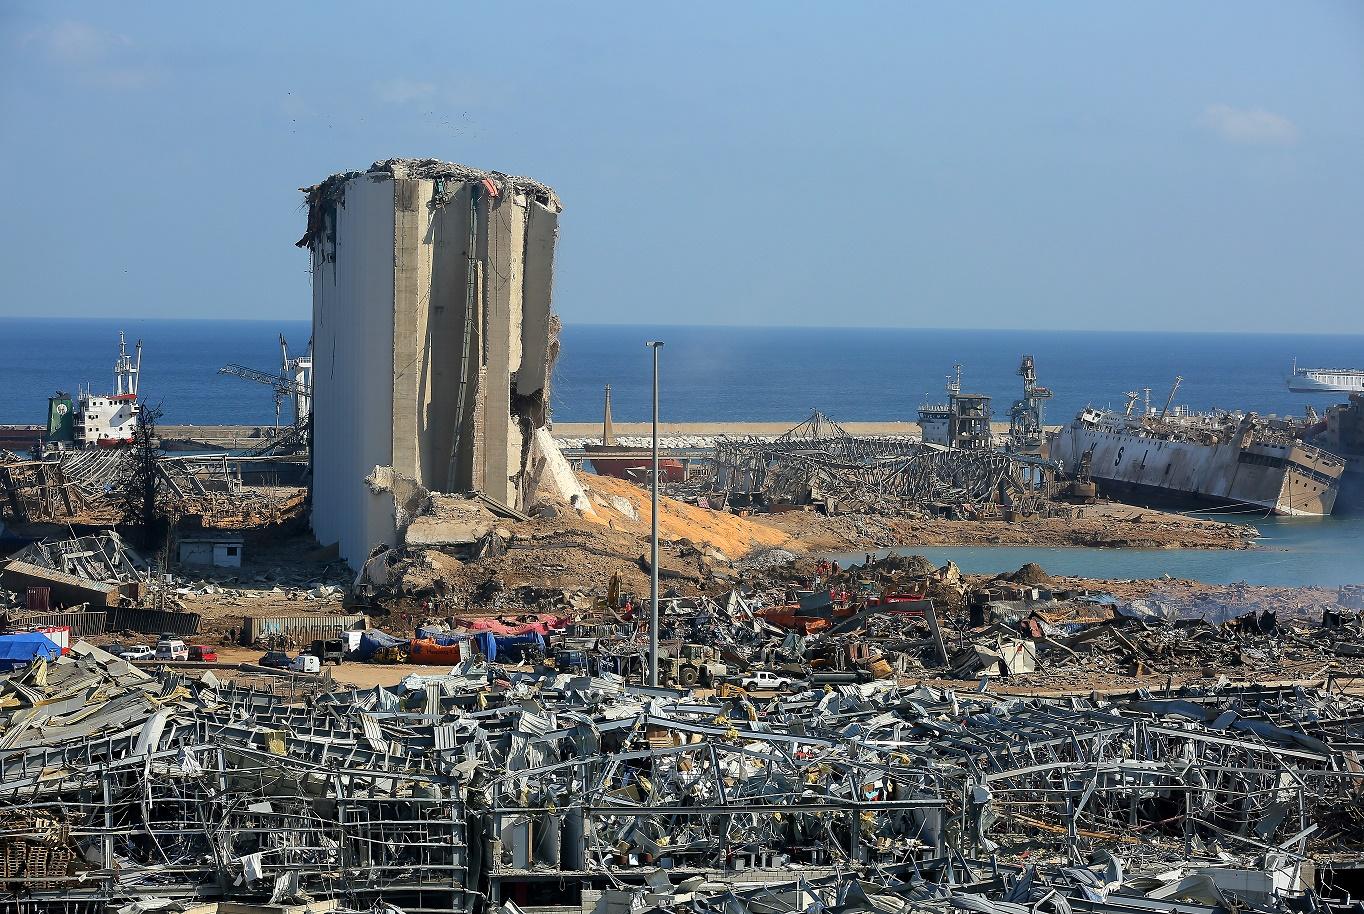 المحكمة العليا في لبنان تقرر رسميا استبعاد قاضي التحقيق عن النظر بدعوى انفجار مرفأ بيروت